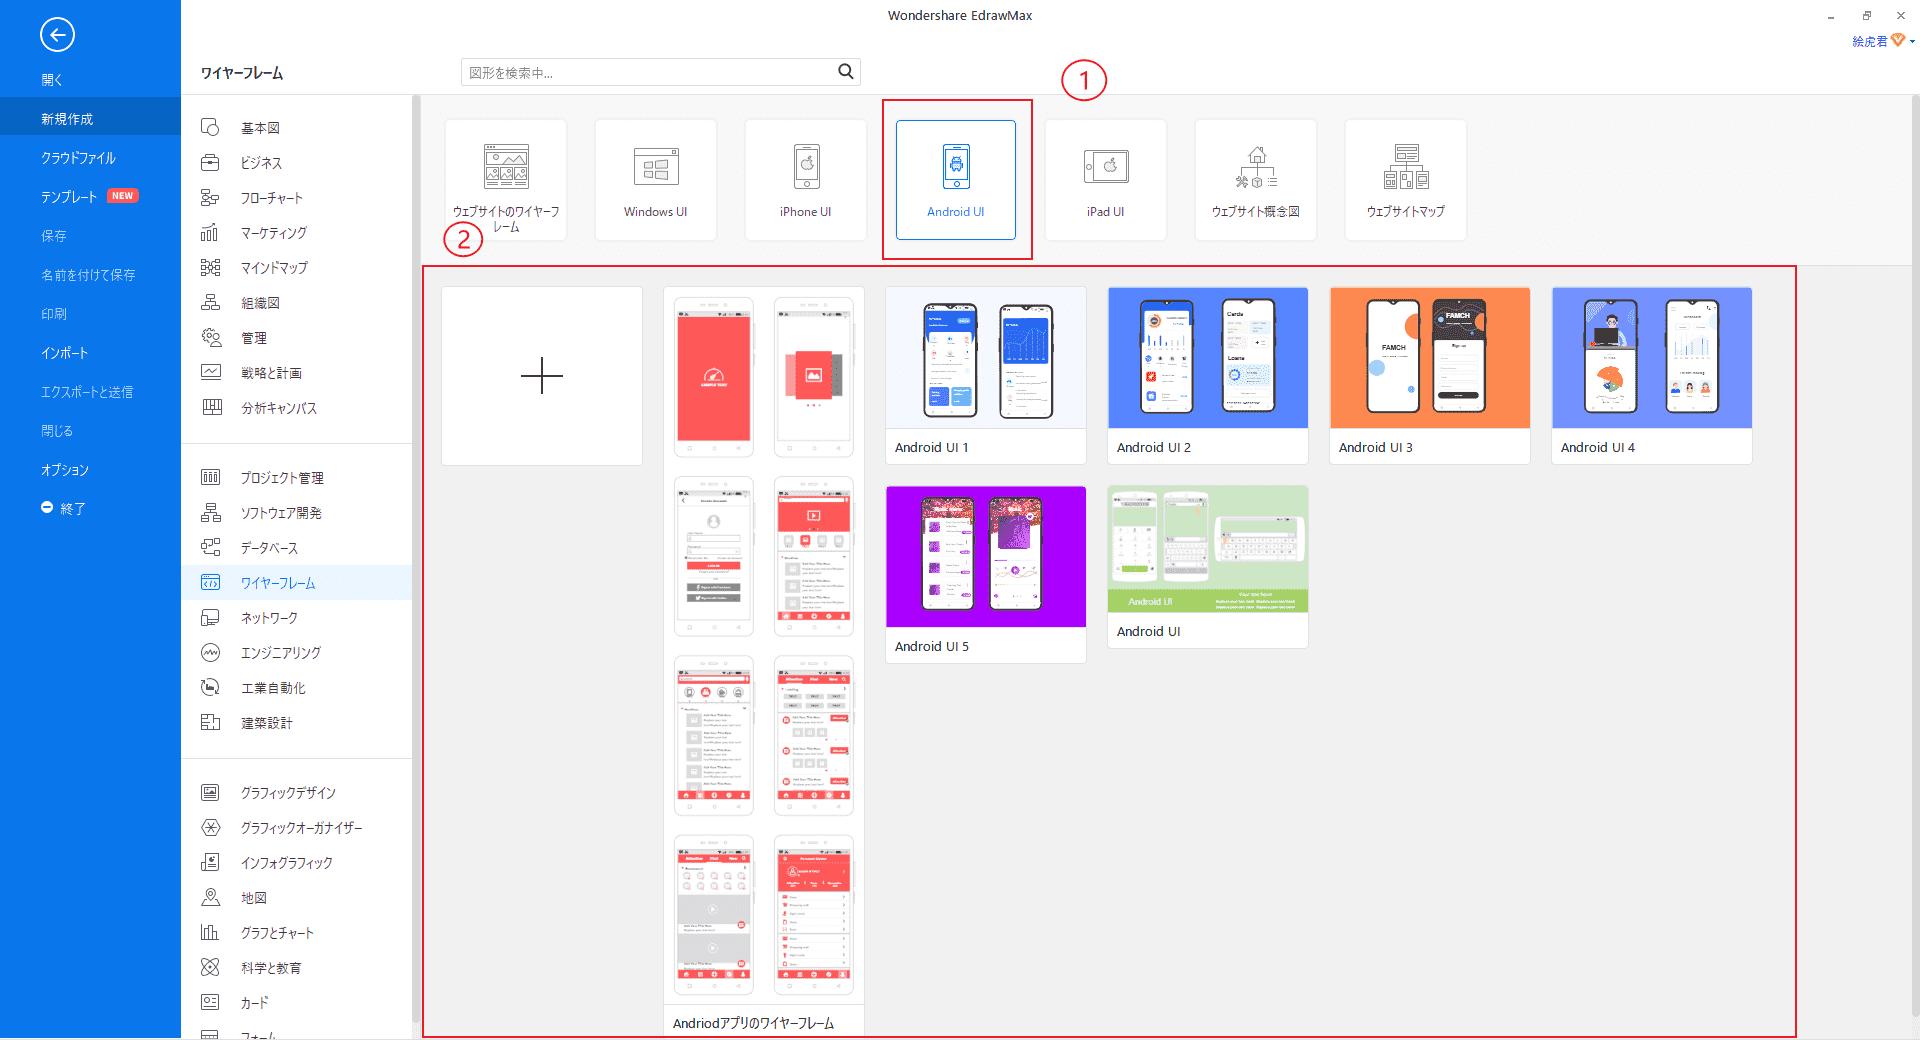 EdrawMaxAndroid-UI